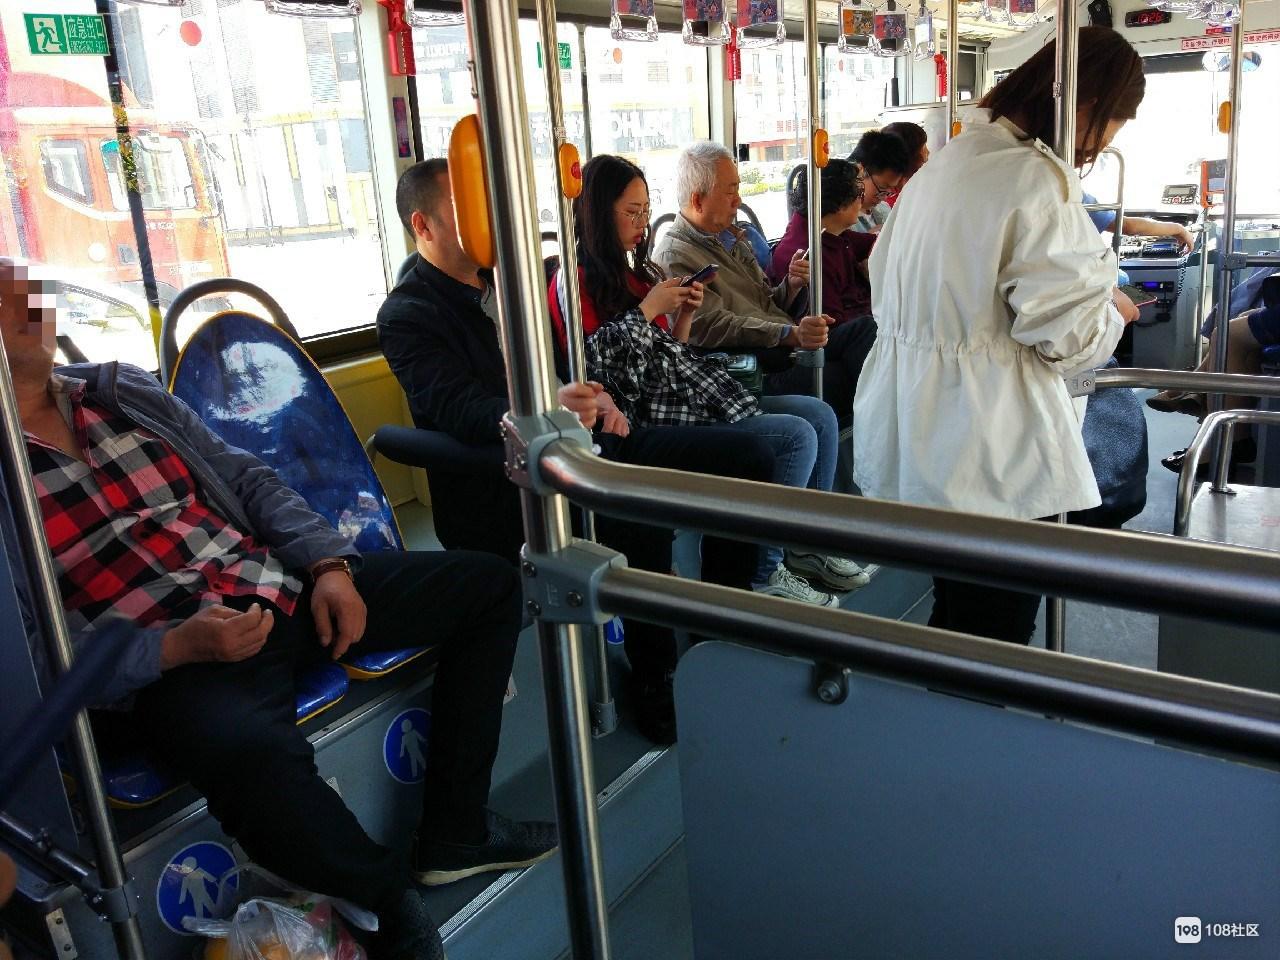 男子一个人占两个位置 老年人上来还是别人让座的!